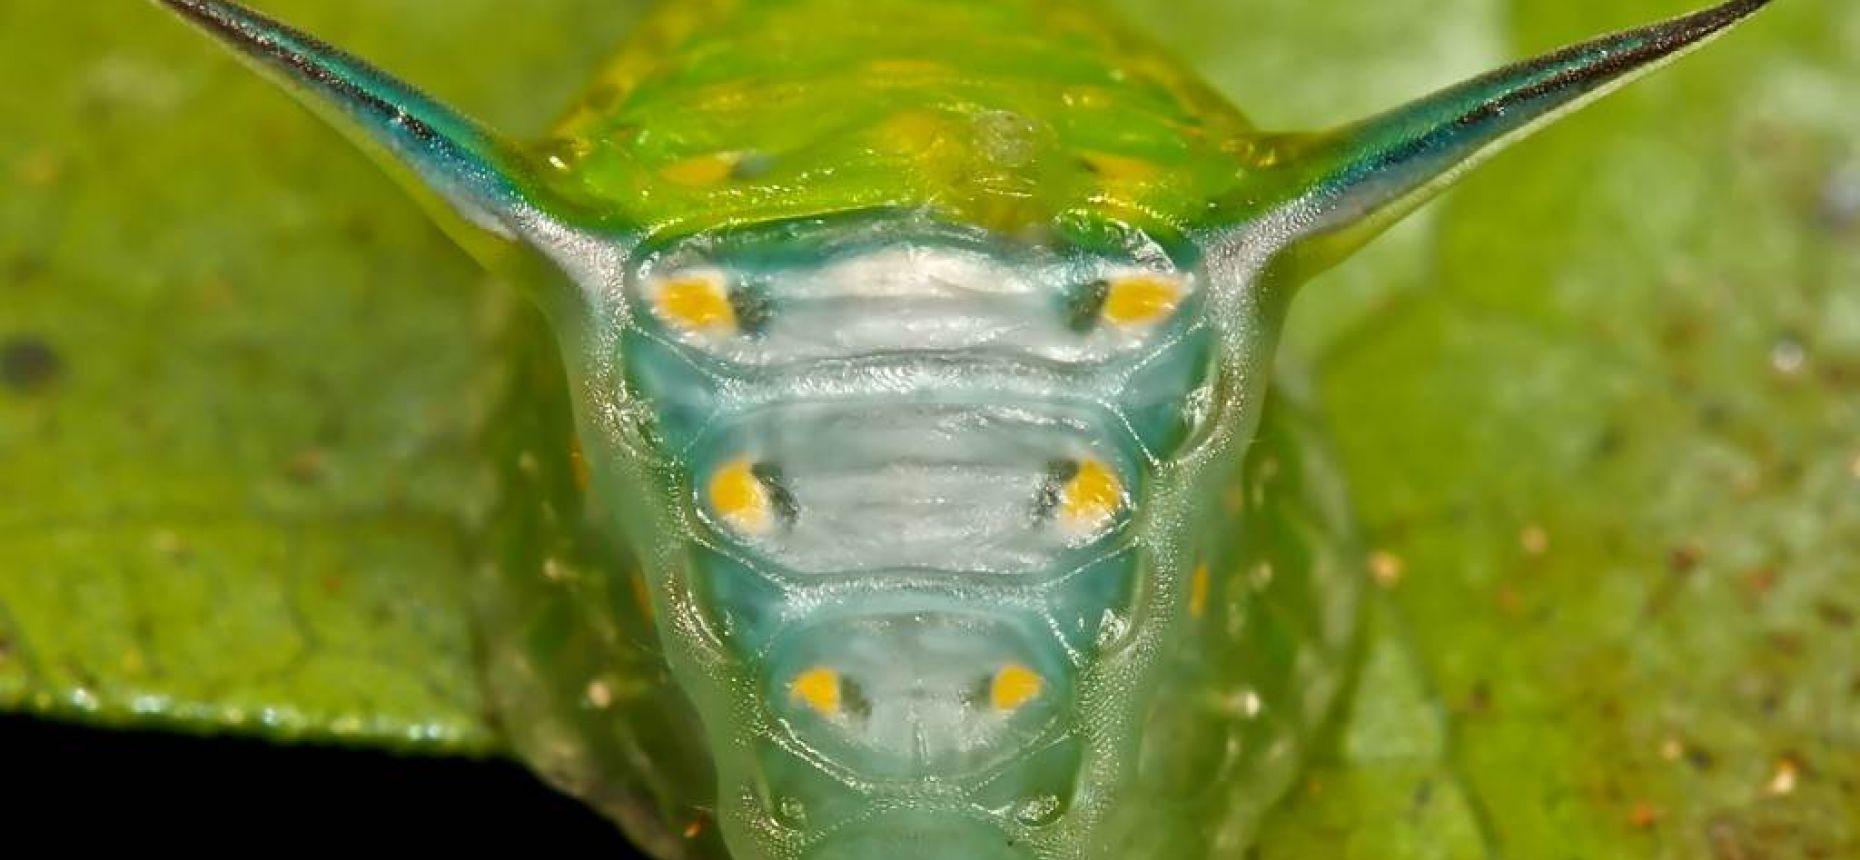 Гусеница с головой быка